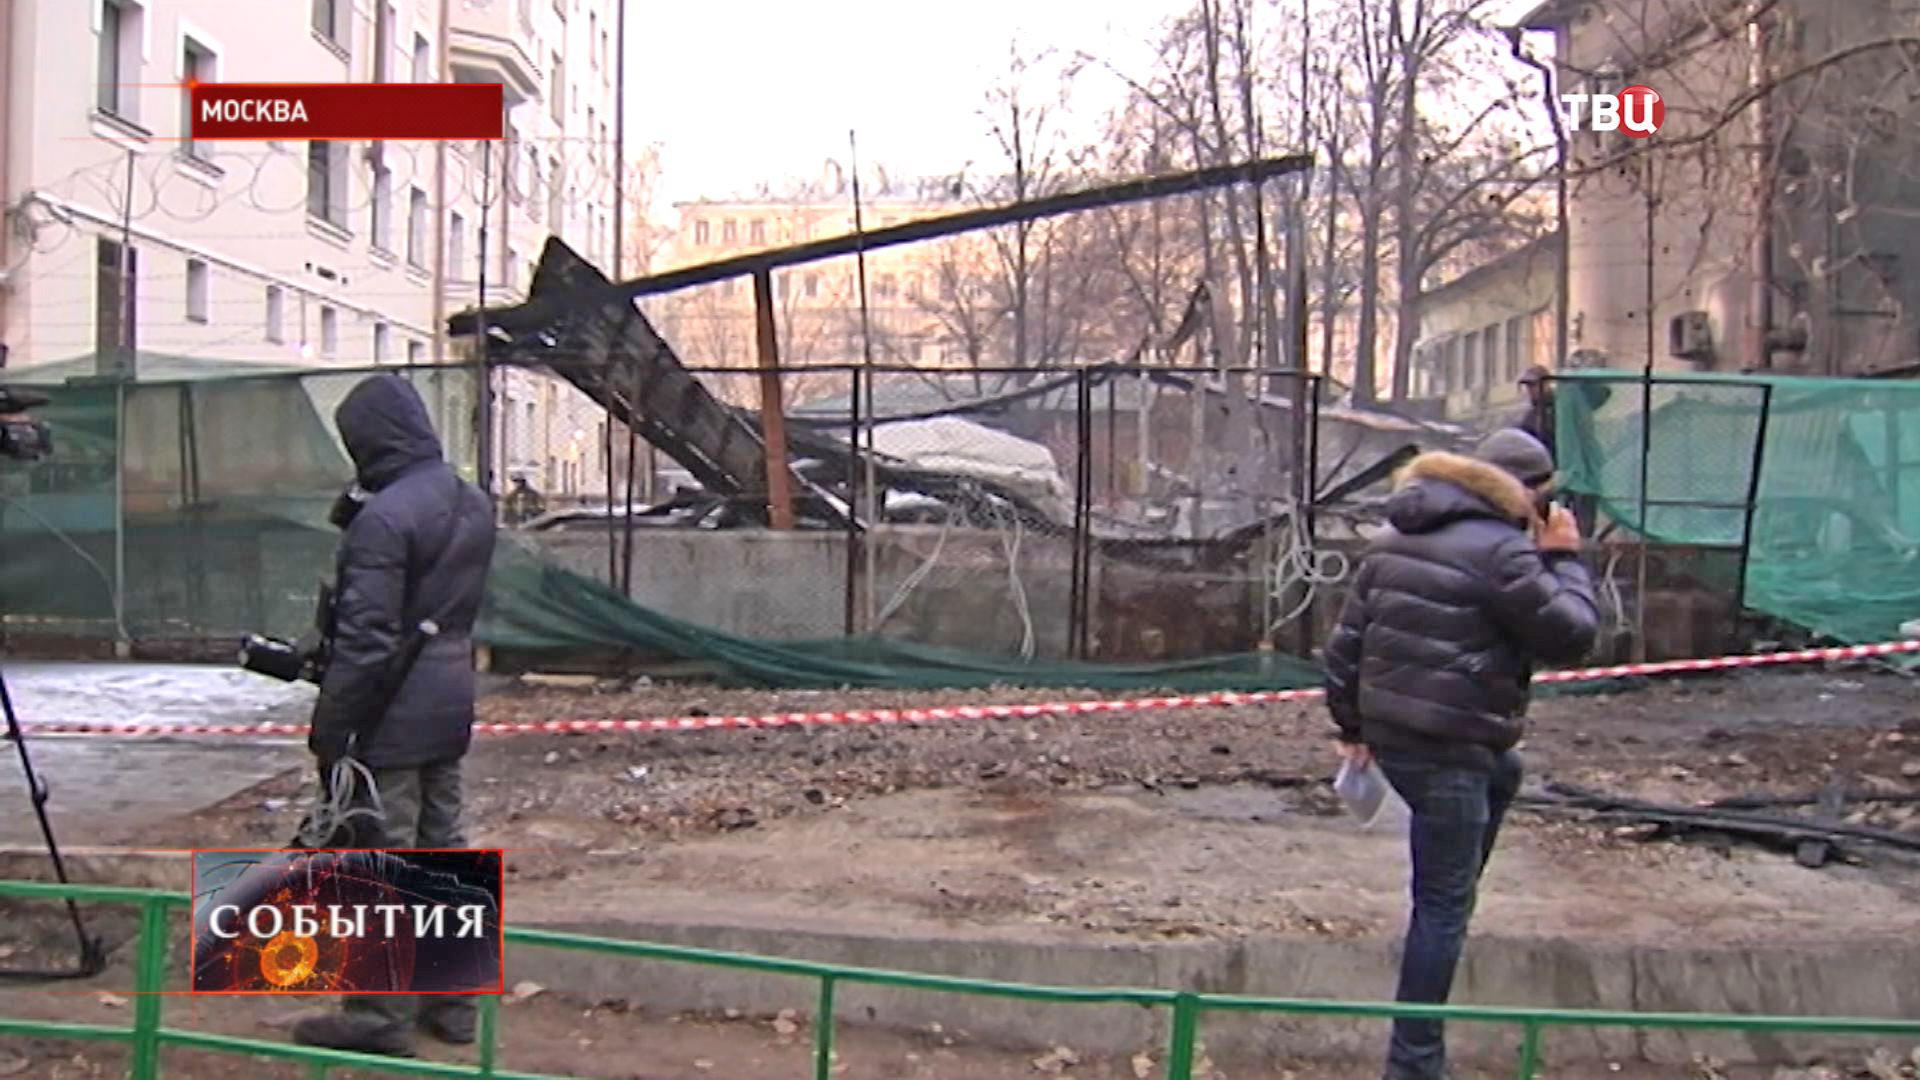 Последствие пожара на стоянке с элитными авто в Москве